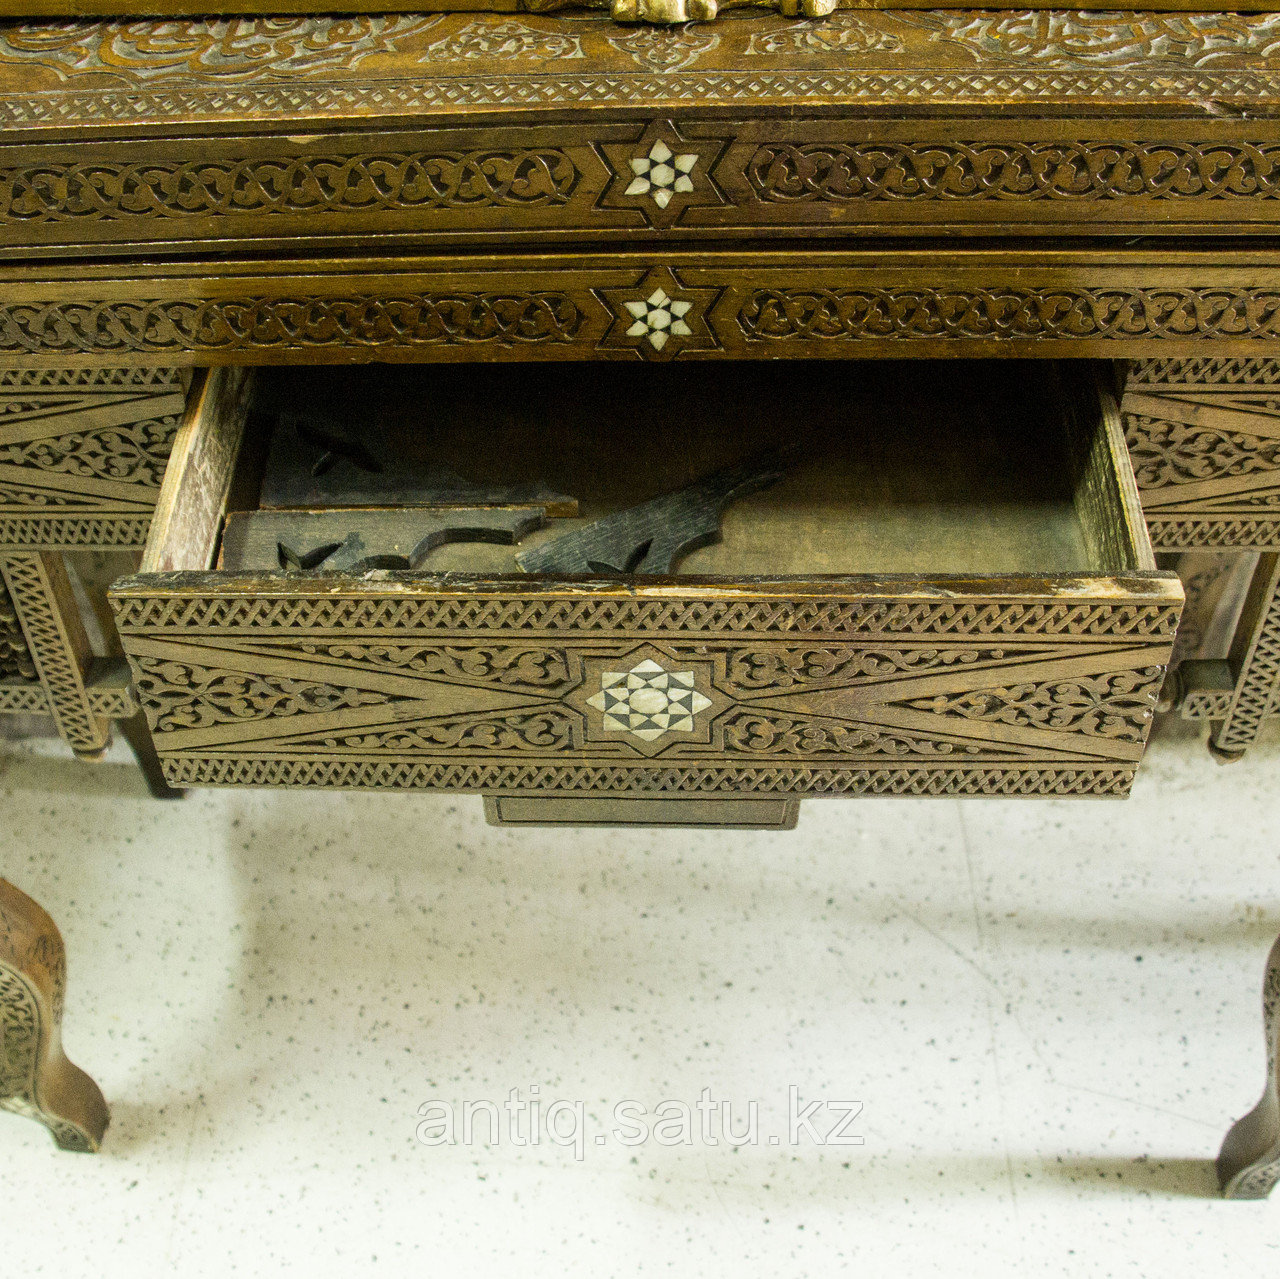 Арабский столик. Центральная Азия. XIX век - фото 9